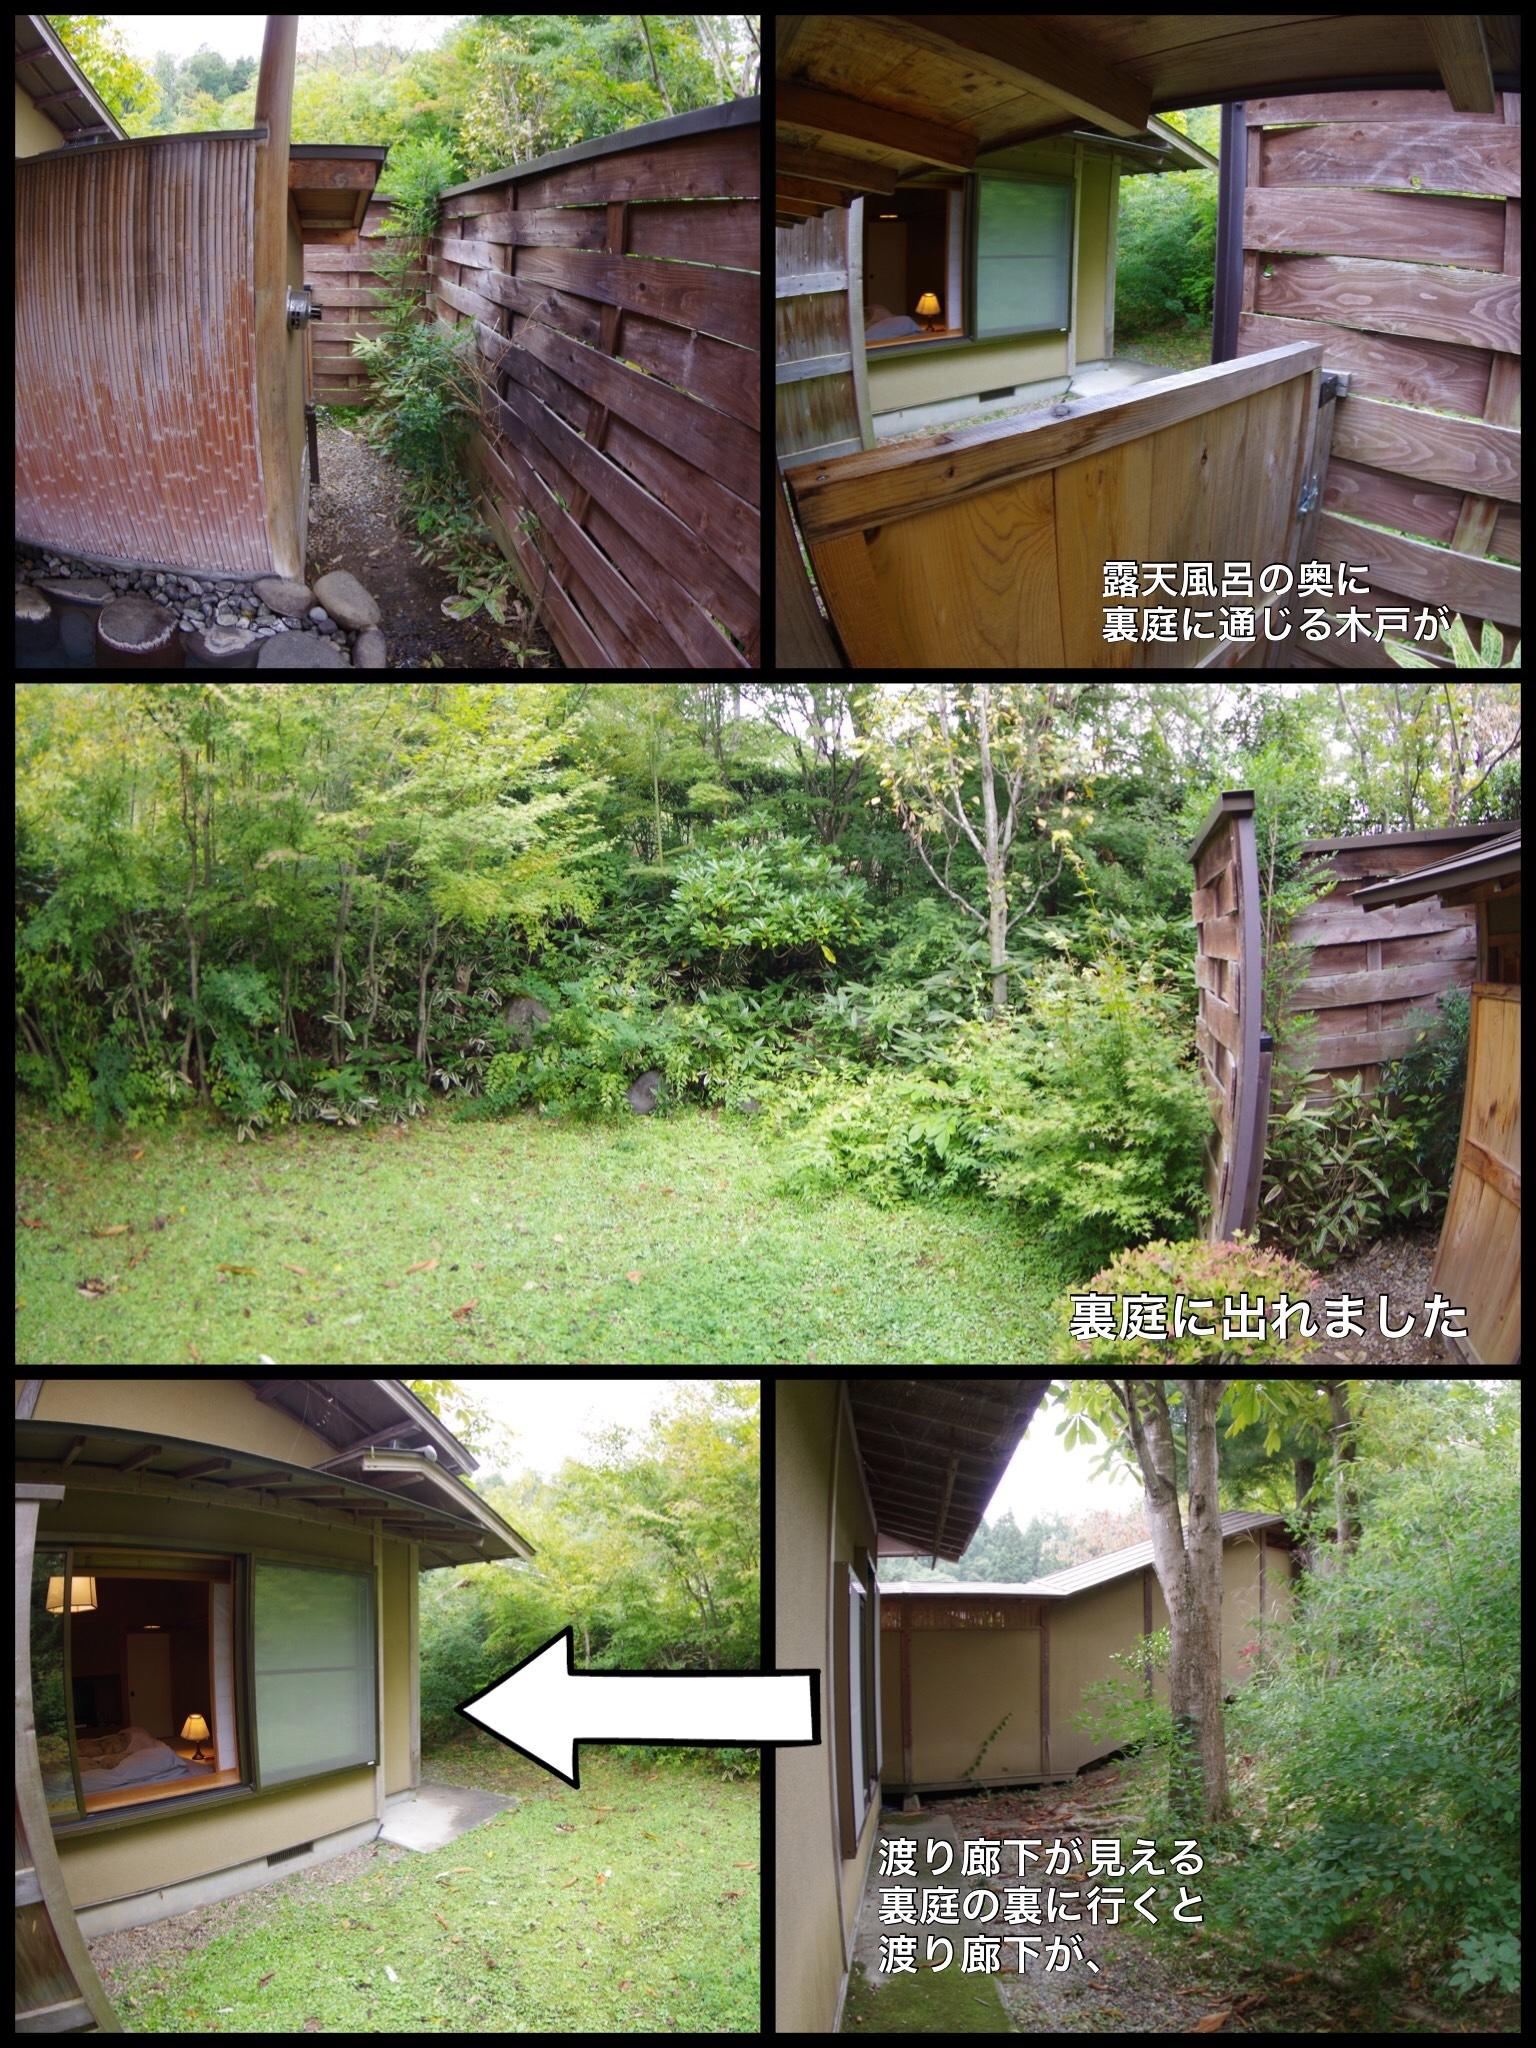 山形 上山温泉 名月荘 扇 宿泊記 部屋の施設